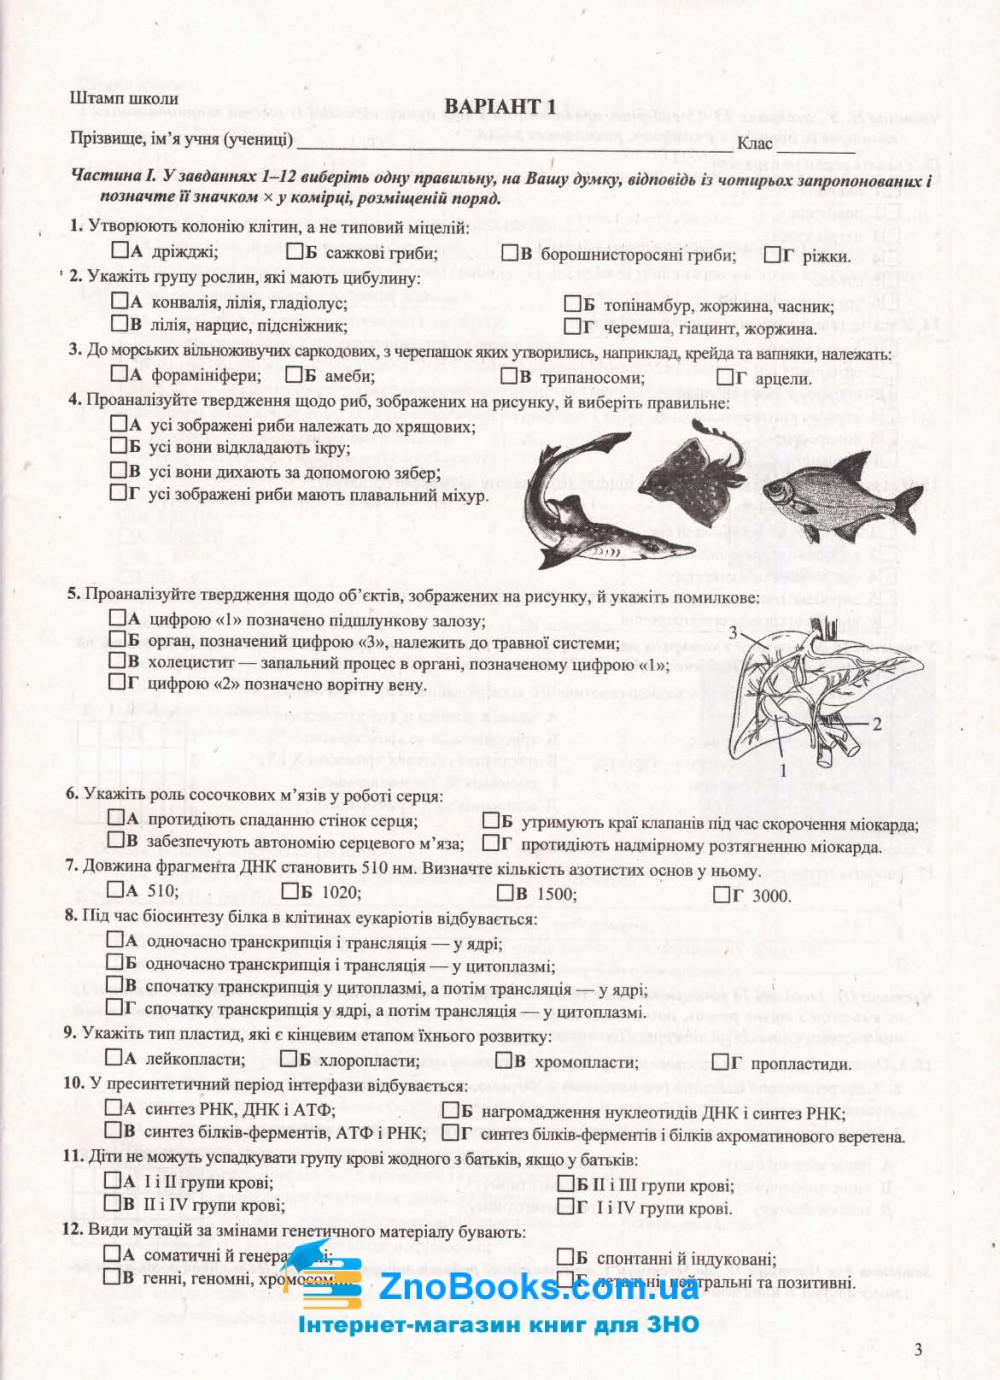 Збірник завдань з біології ДПА 2020 9 клас : Барна І. Тернопіль. Купити 4